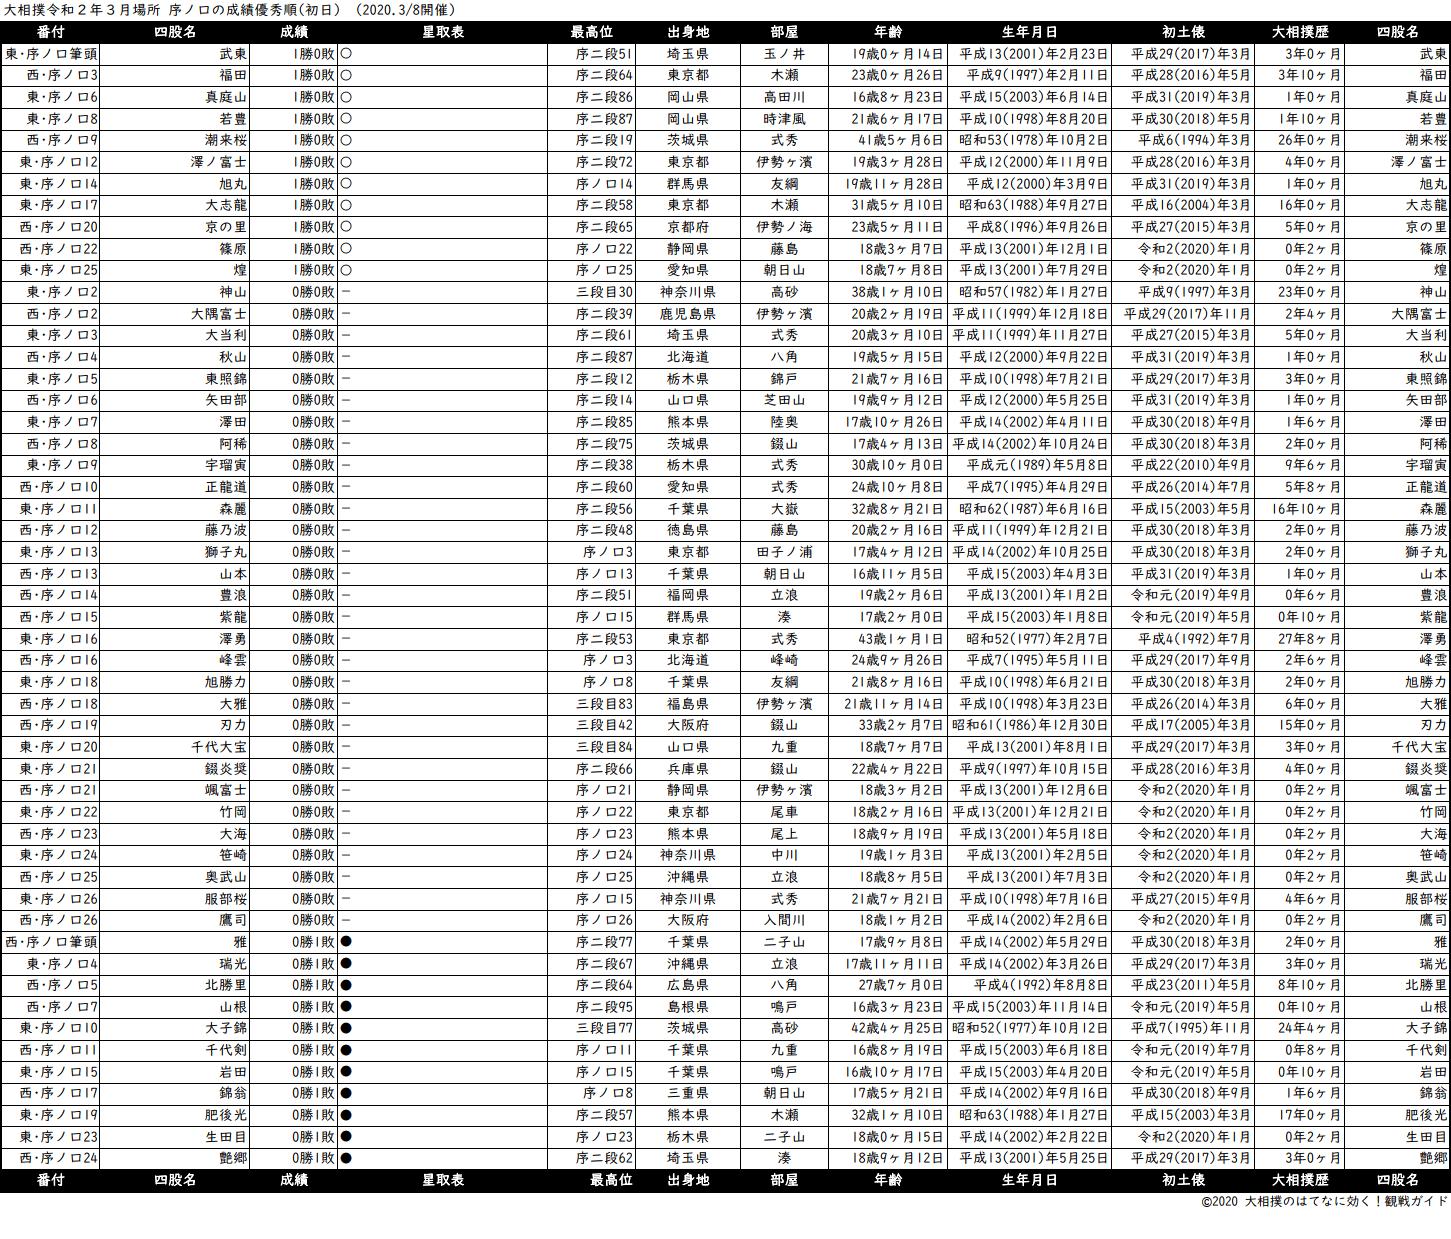 序ノ口成績順一覧表・2020年3月場所初日